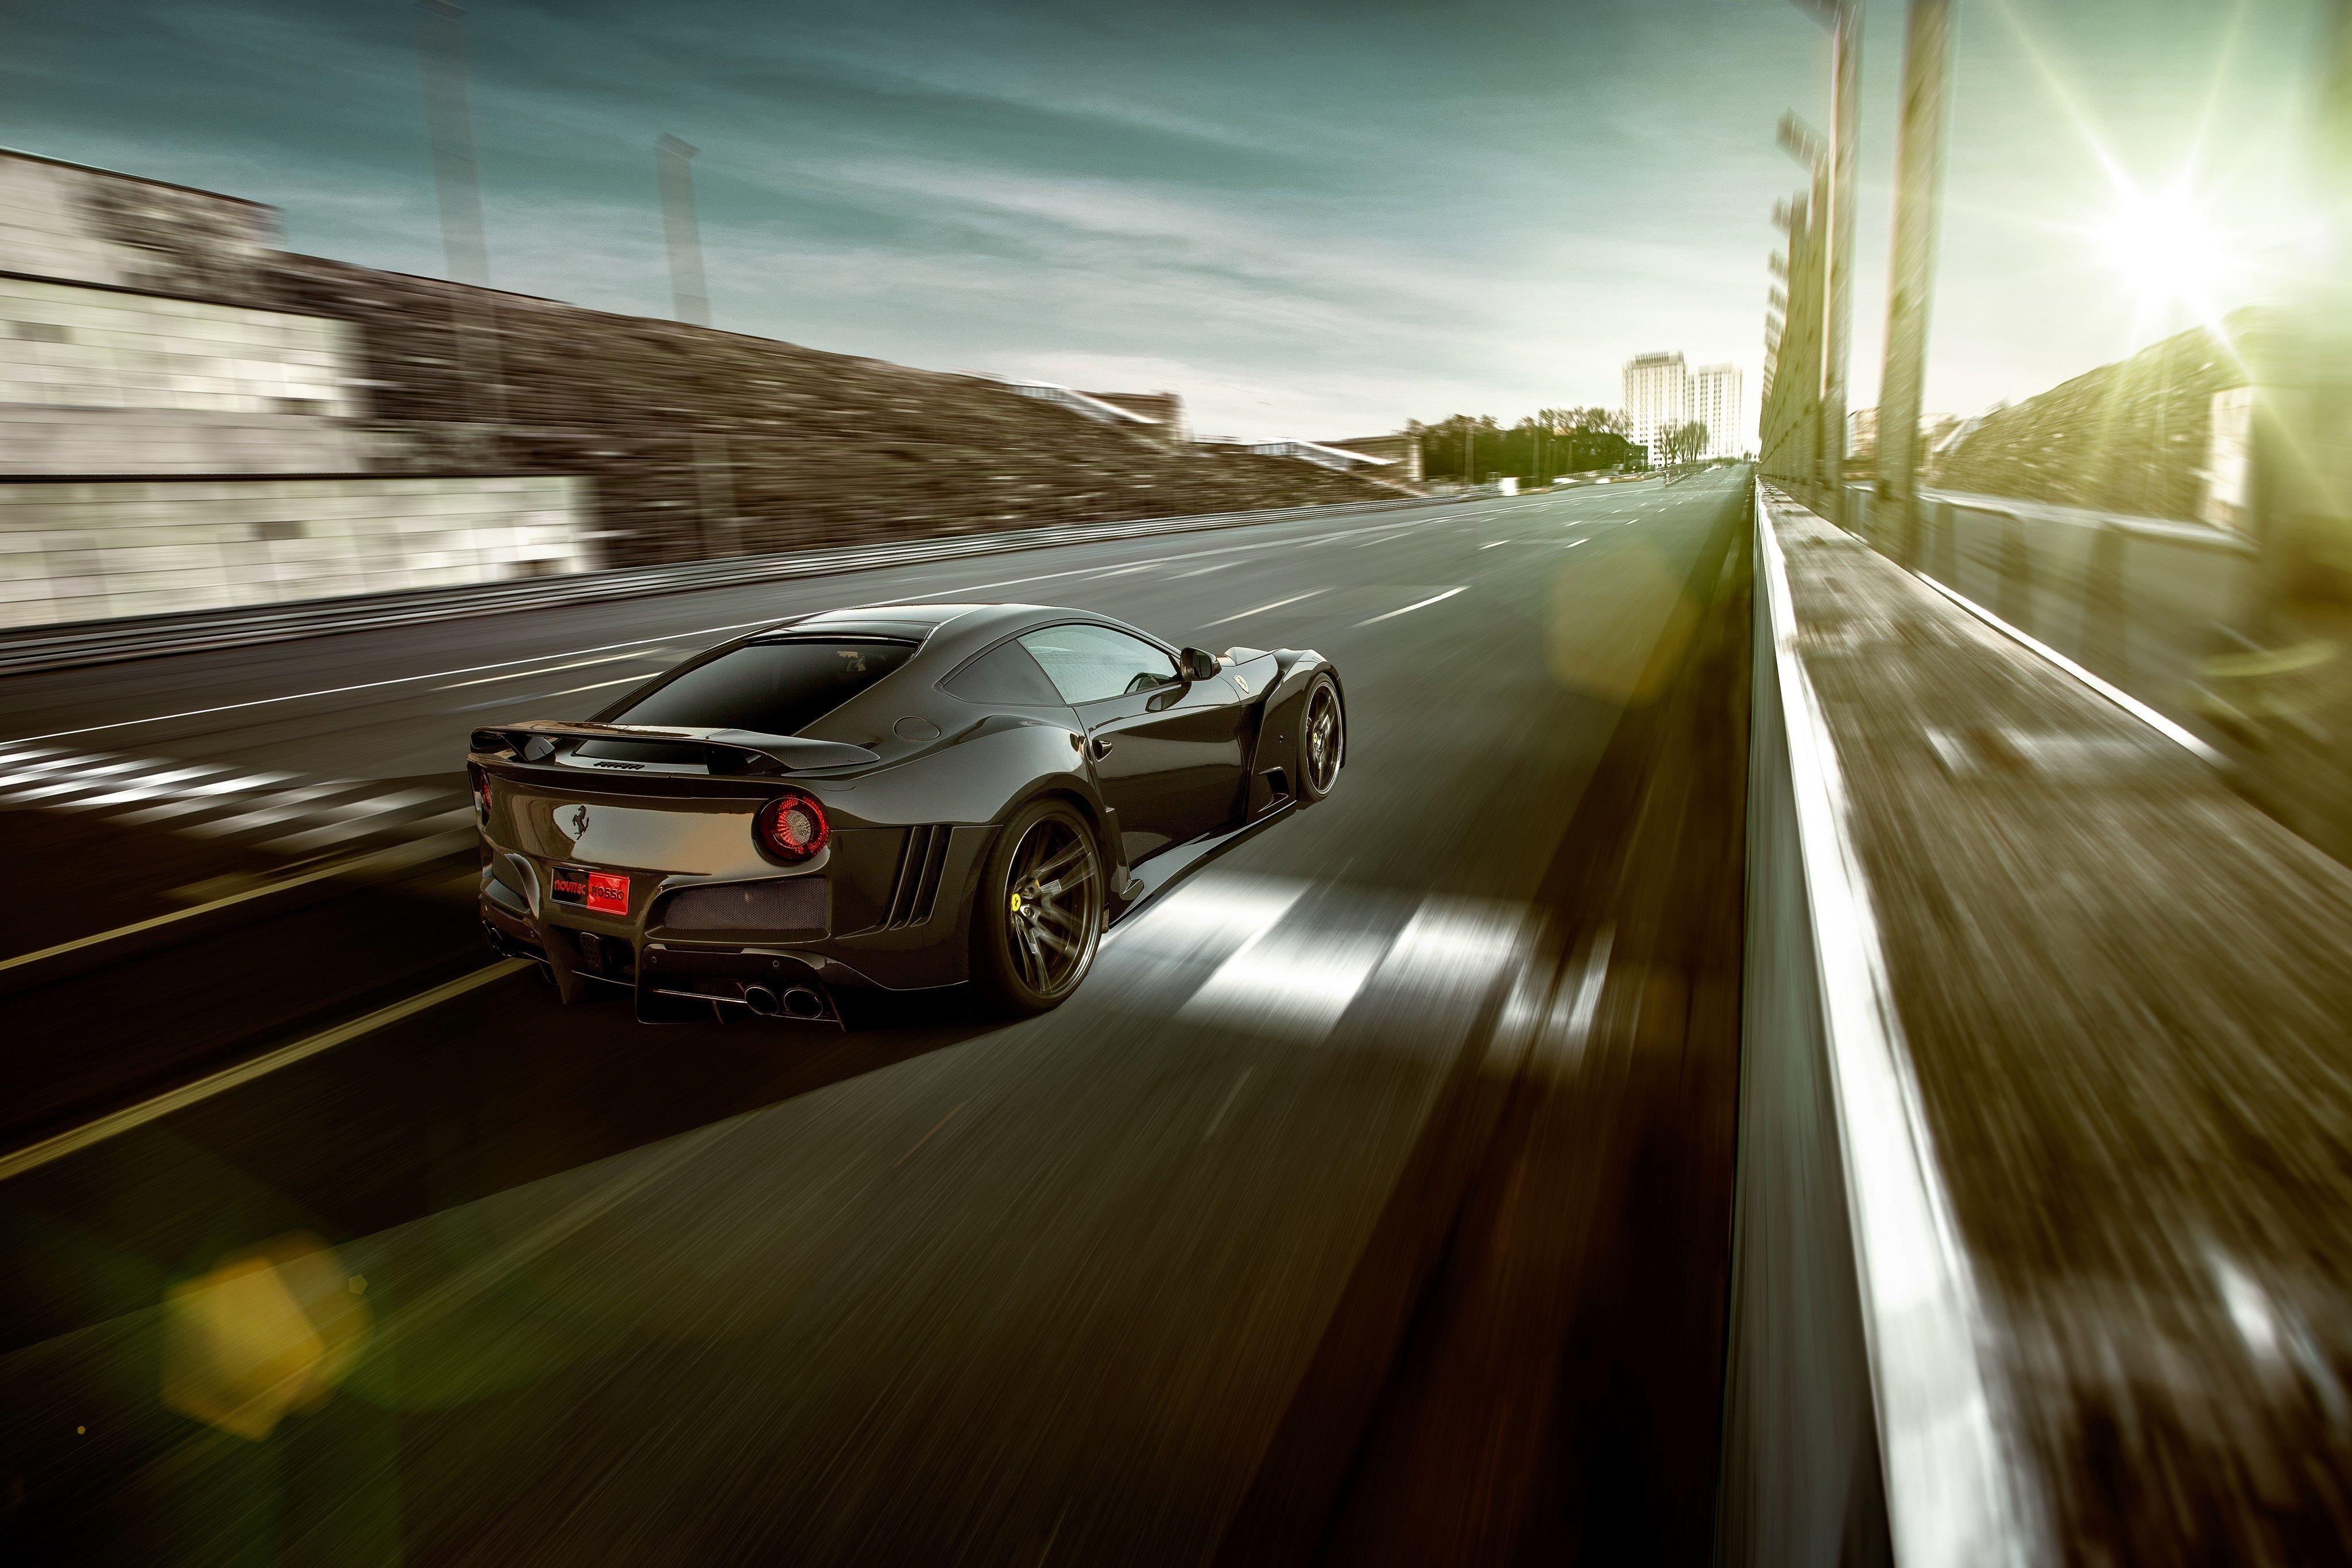 Ferrari F12berlinetta 4k Wallpaper 4096x2731 4096x2731